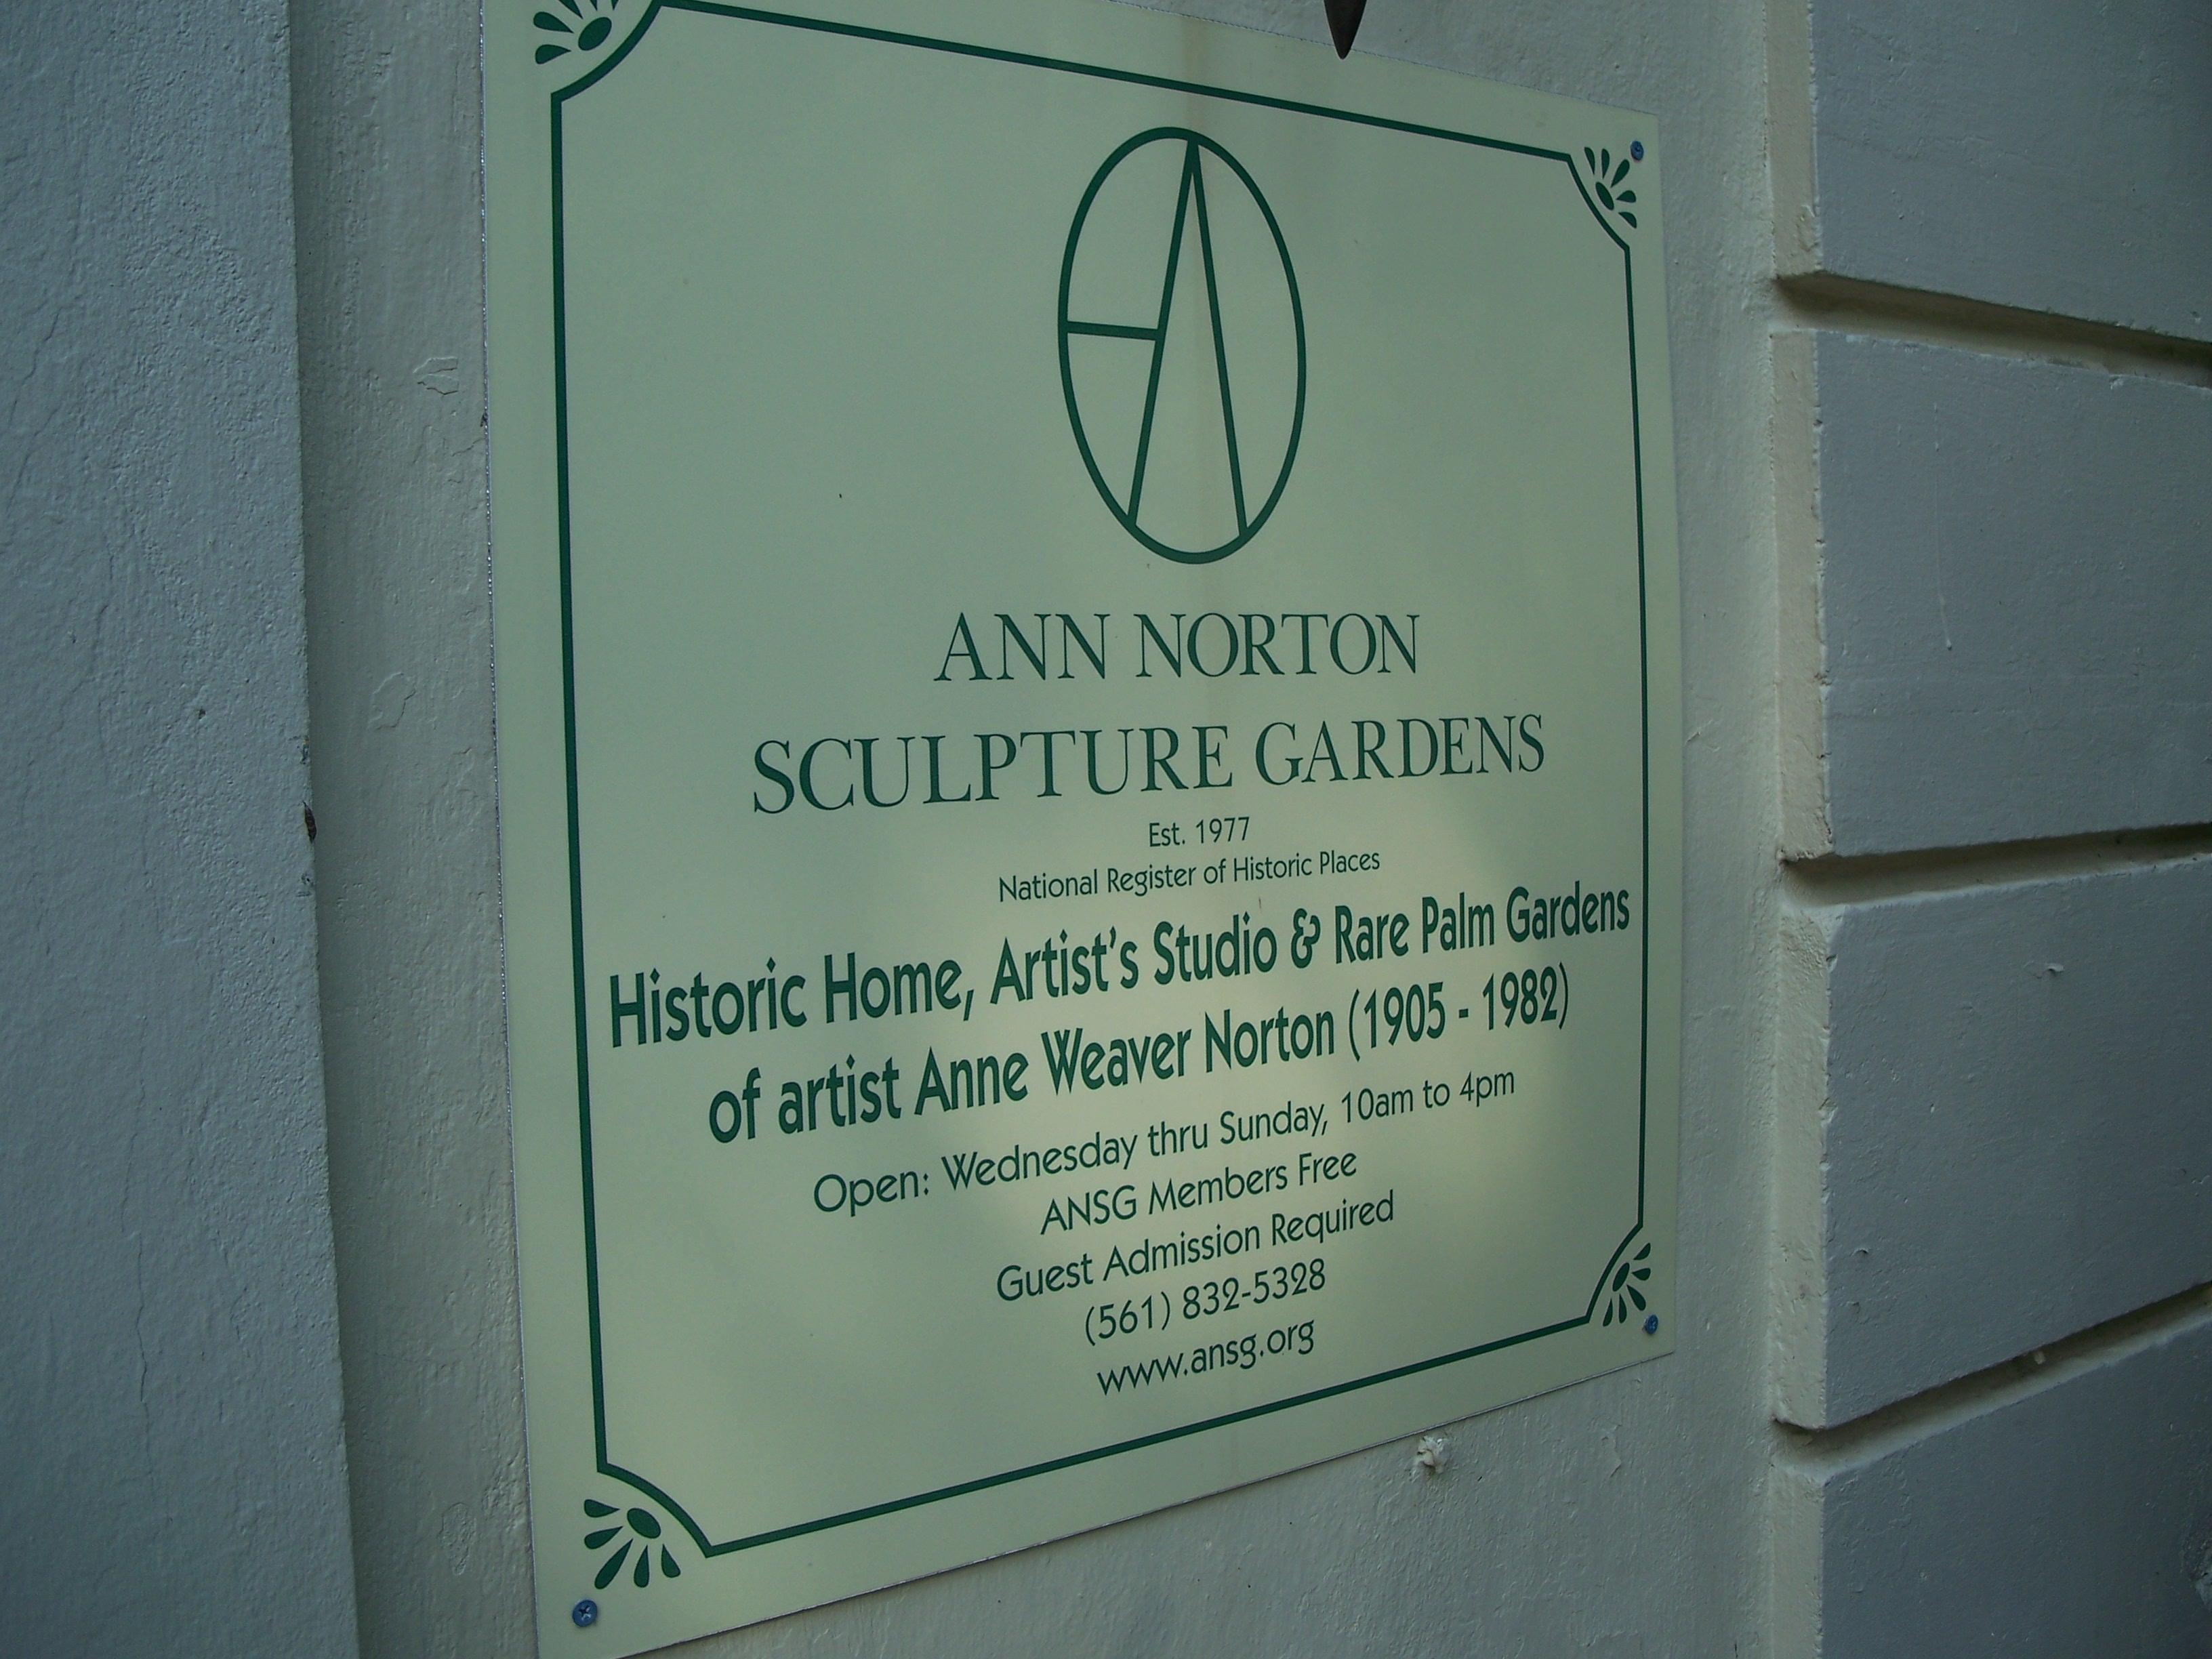 ann norton sculpture gardens things to do in palm beach